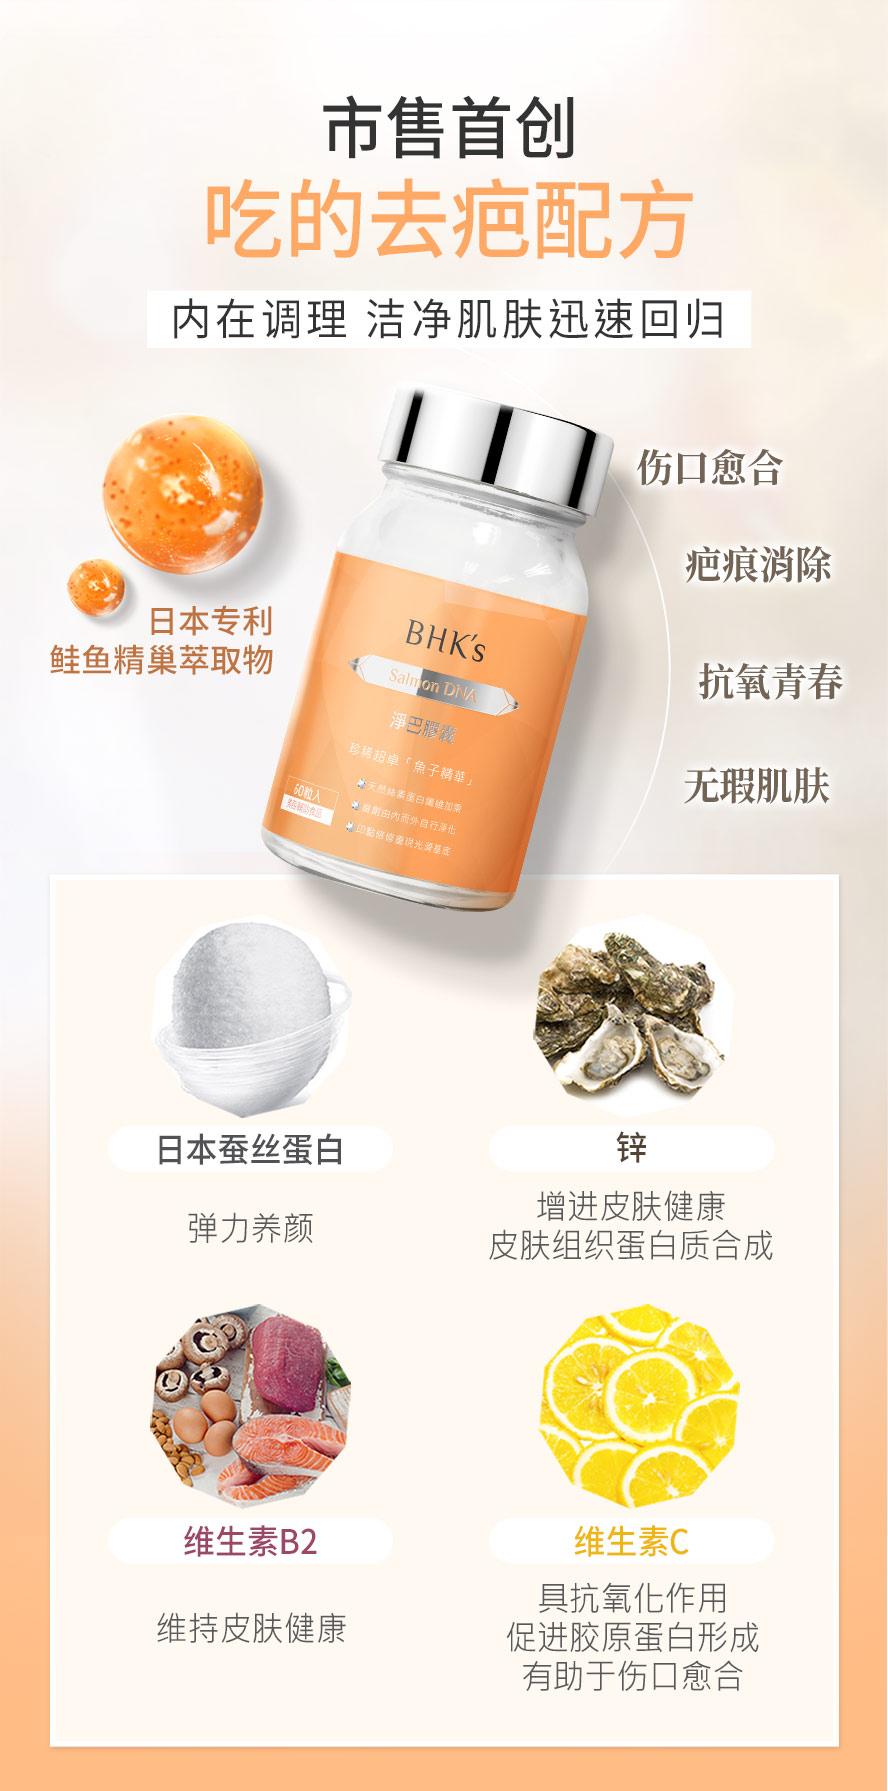 BHK's净巴添加日本珍贵蚕丝蛋白,有效修复肌肤